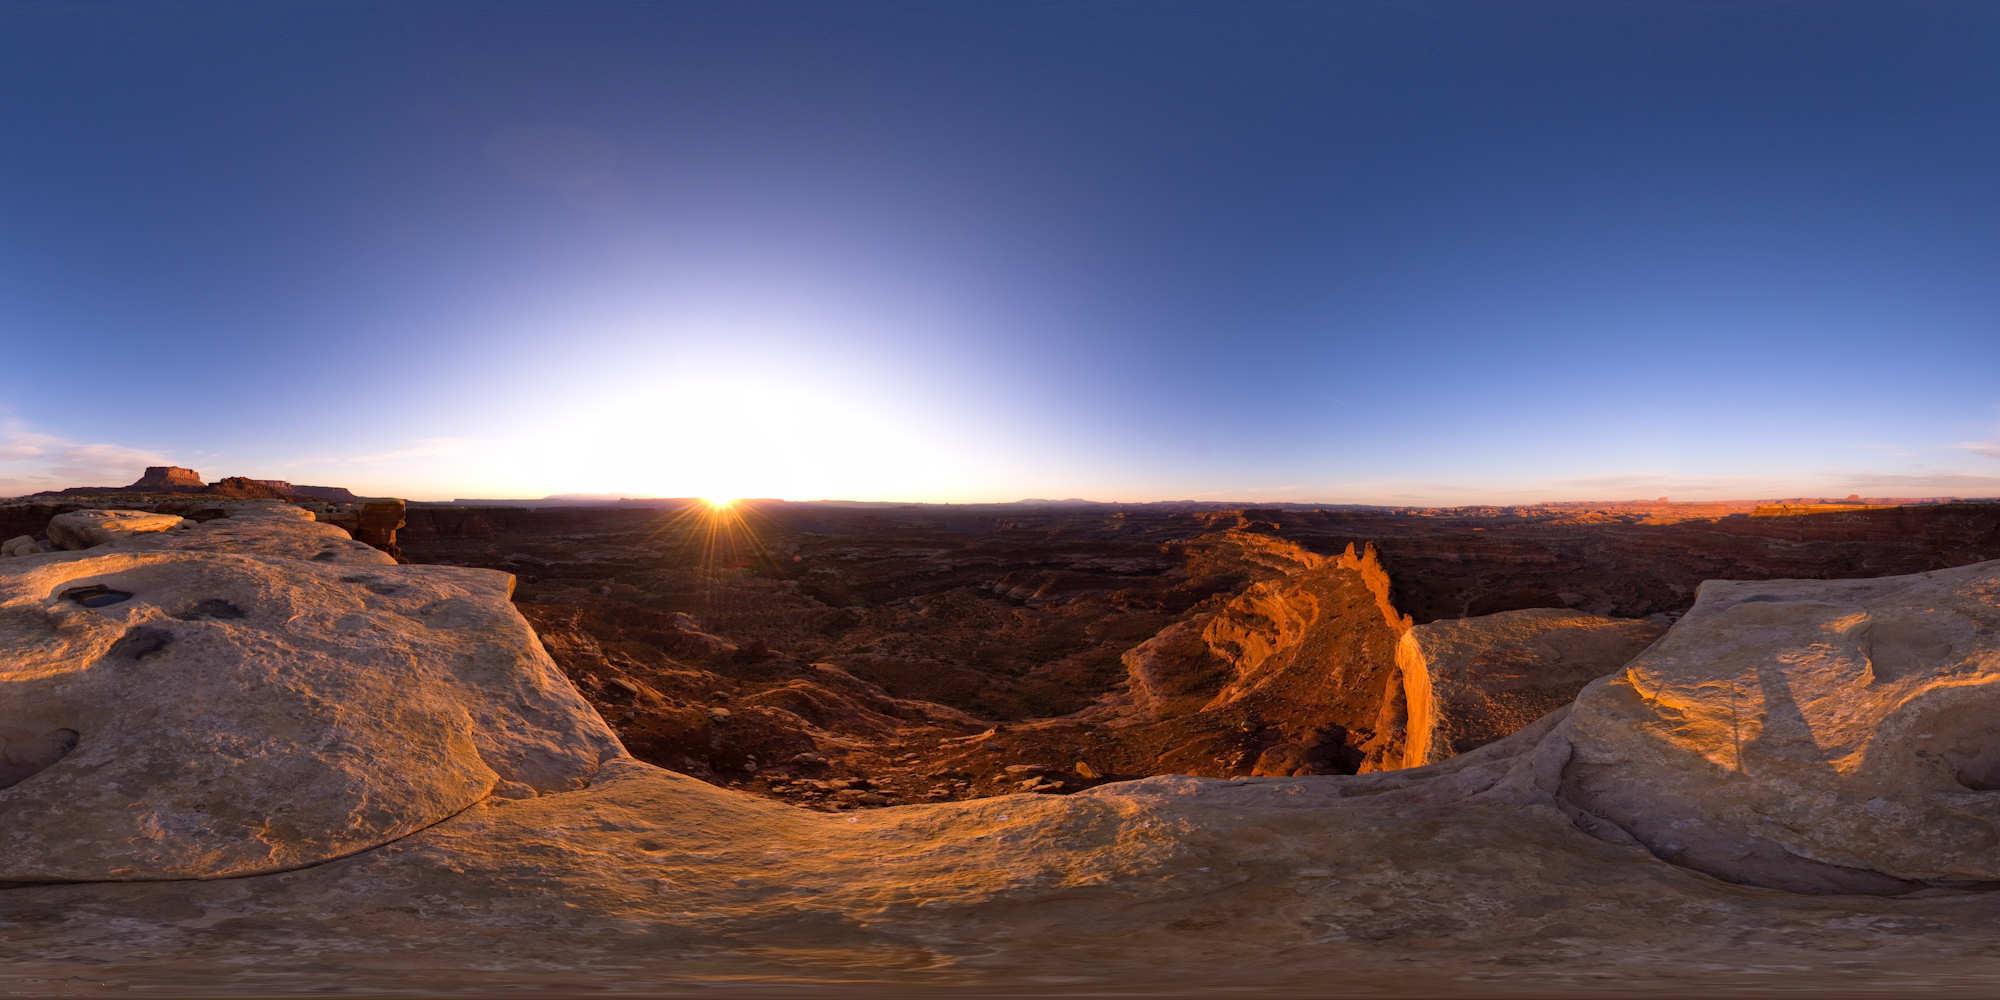 Canyonlands National Park Toutes Les Infos Utiles Pour